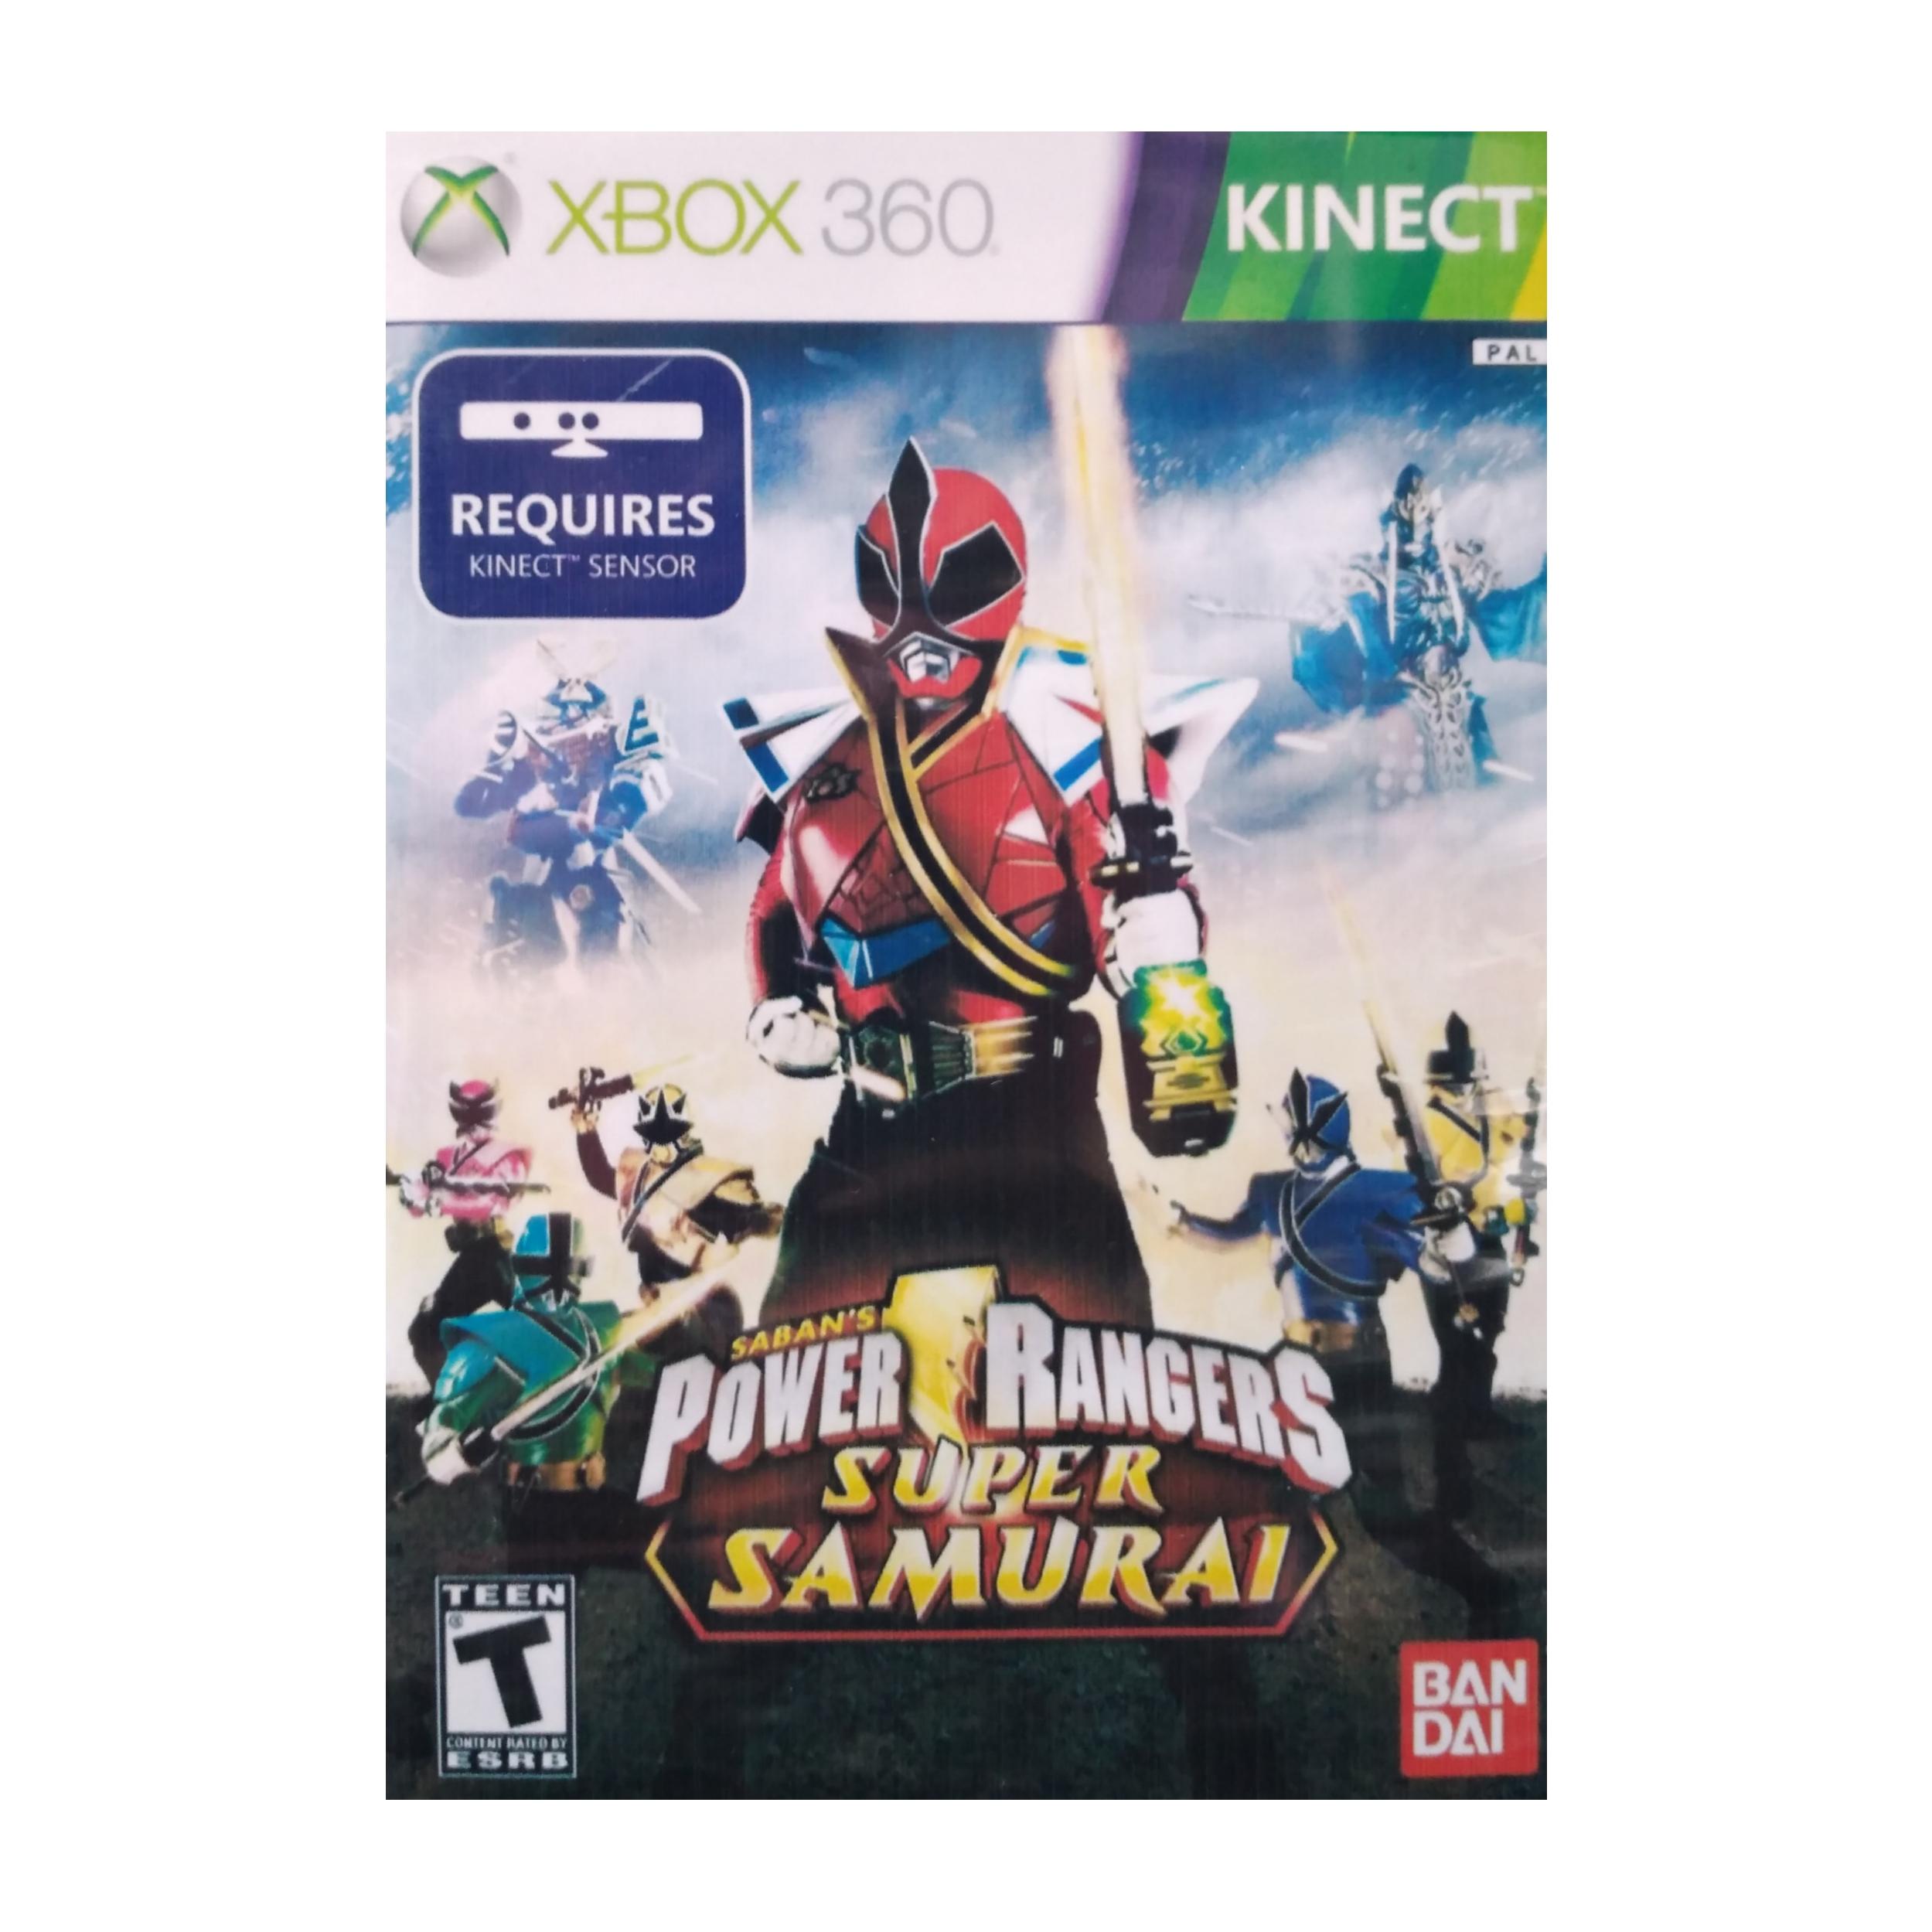 بررسی و {خرید با تخفیف}                                     بازی  KINECT POWER RANGERS SUPER SAMURAI مخصوص Xbox 360                             اصل